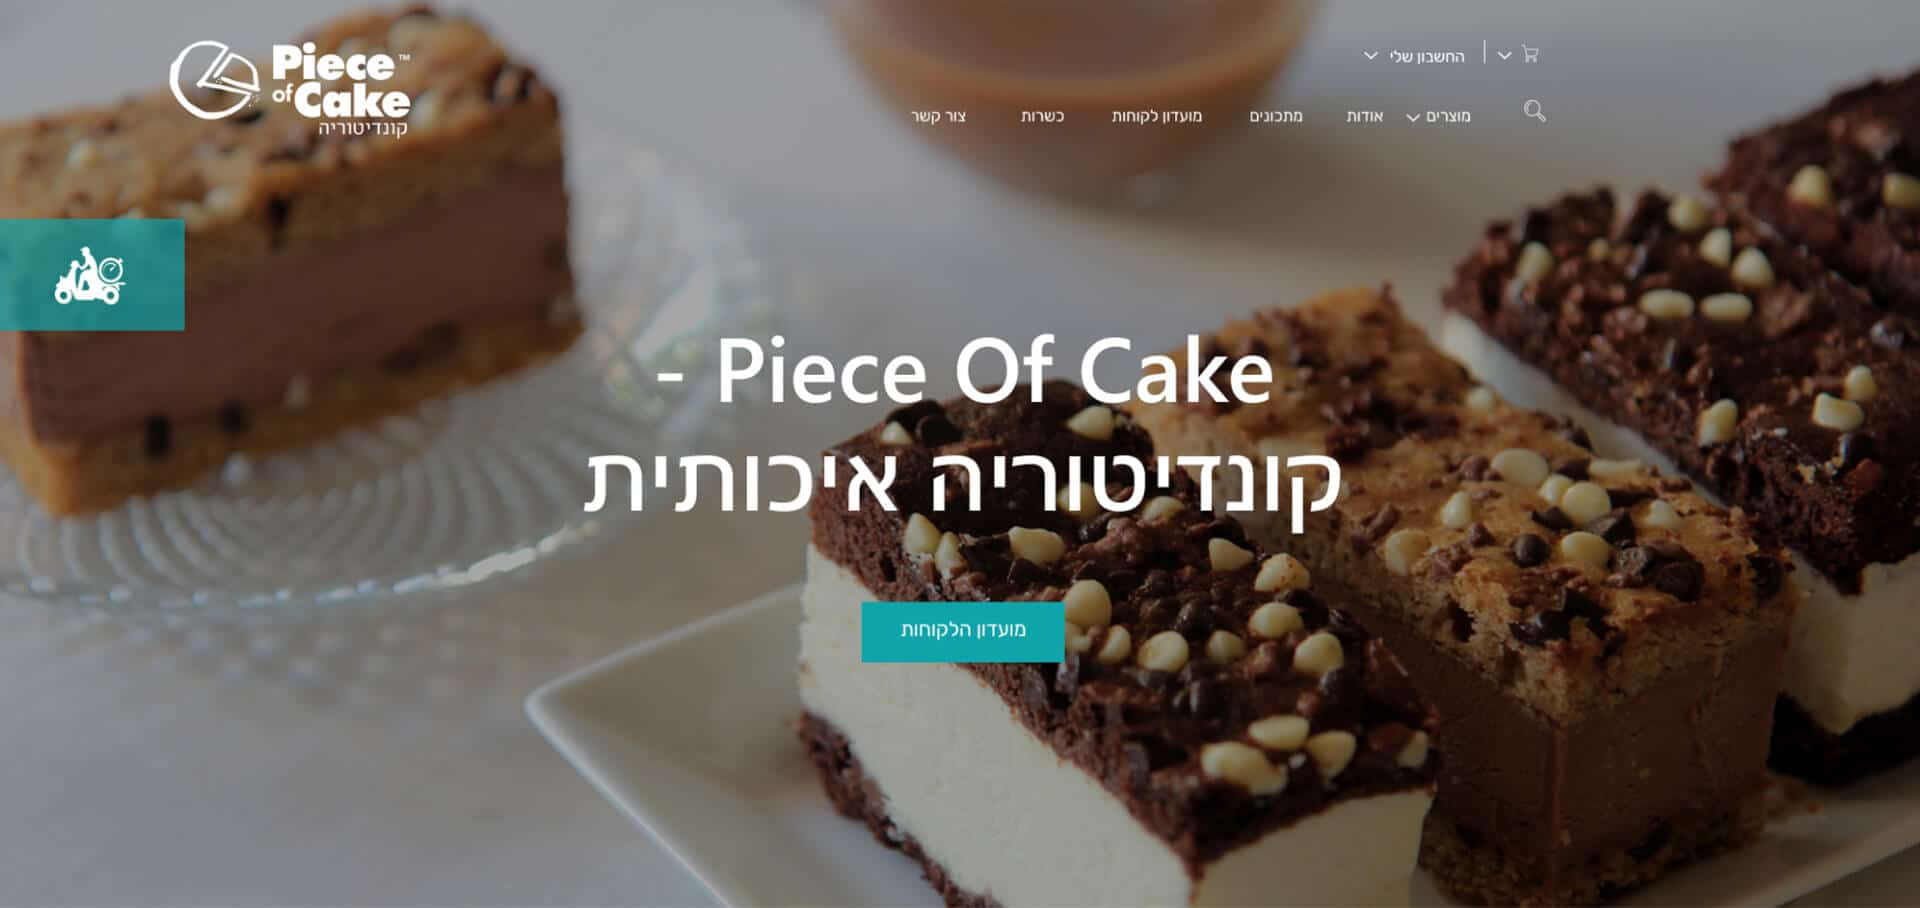 חברה לבניית אתרים לפייס אוף קייק